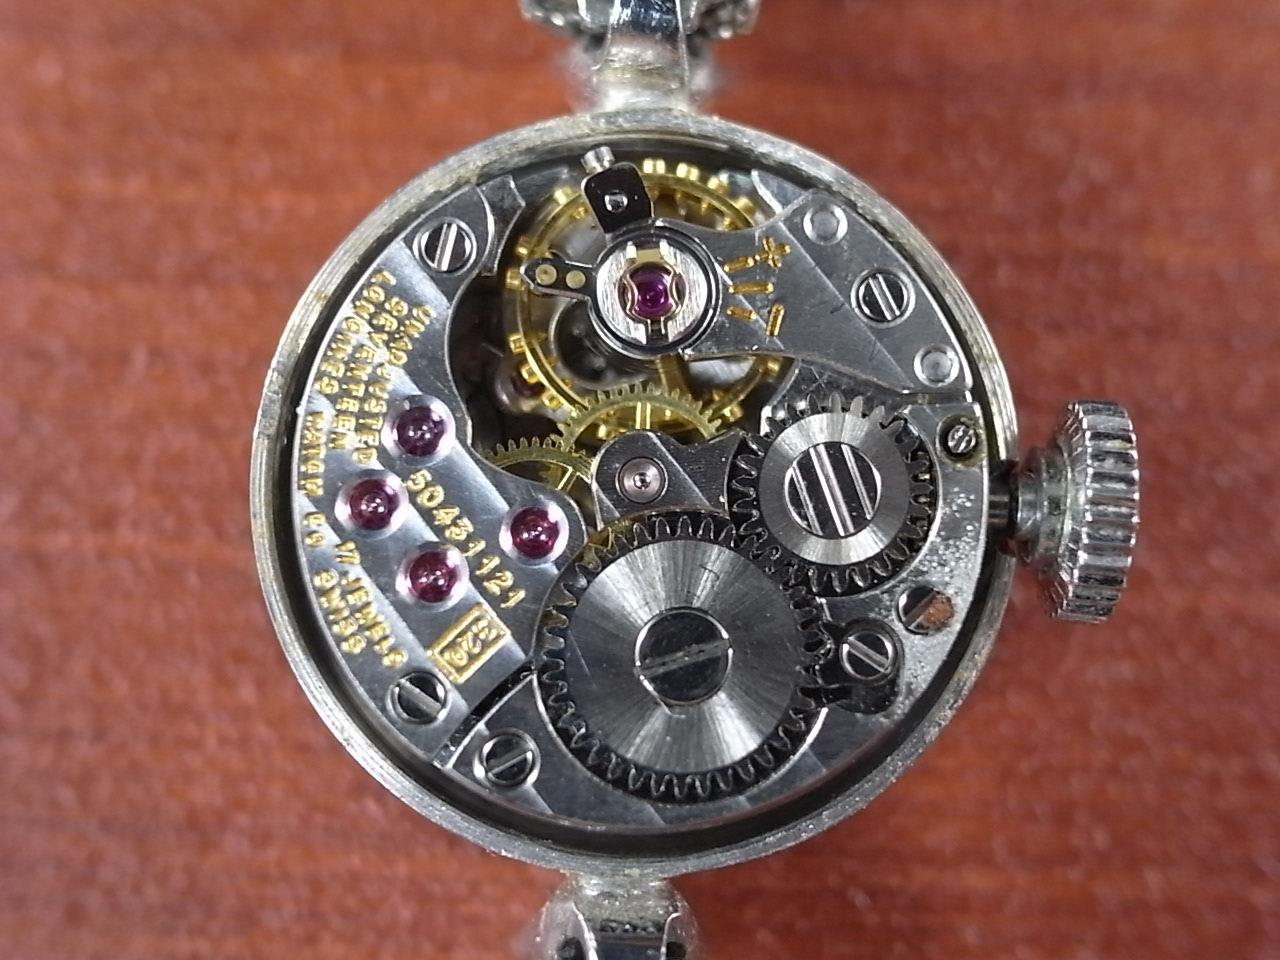 ロンジン レディス 14金無垢 ホワイトゴールド カットガラス ダイヤモンド の写真5枚目